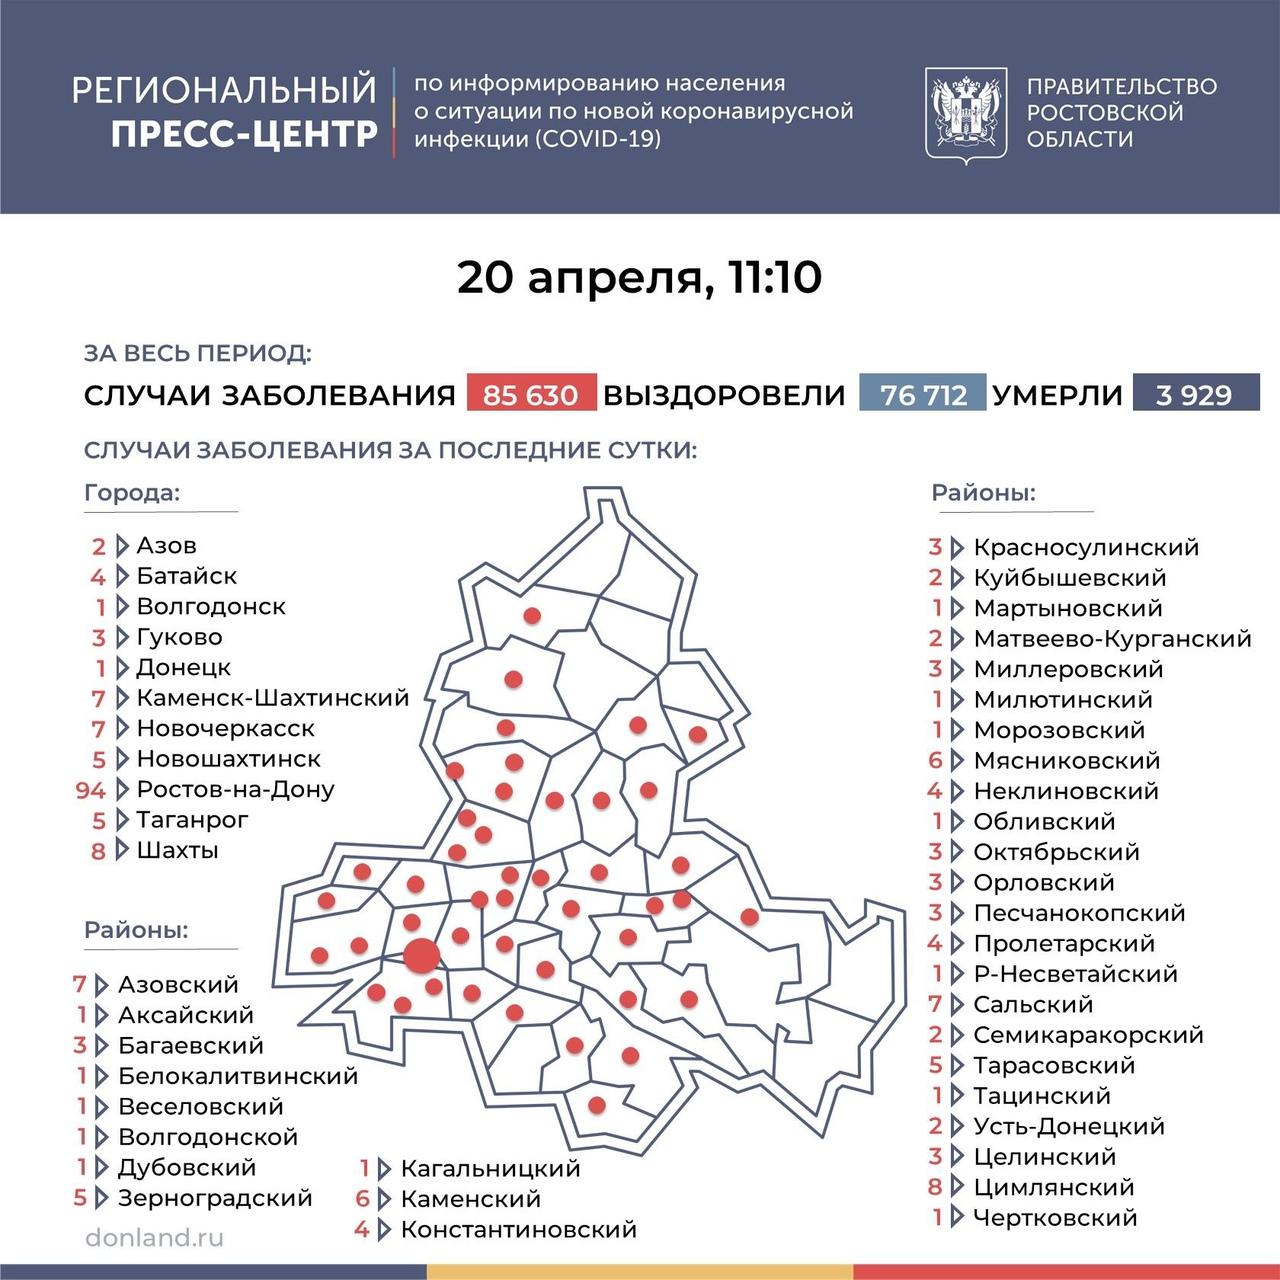 На Дону число инфицированных COVID-19 составляет 235, в Таганроге 5 новых случаев